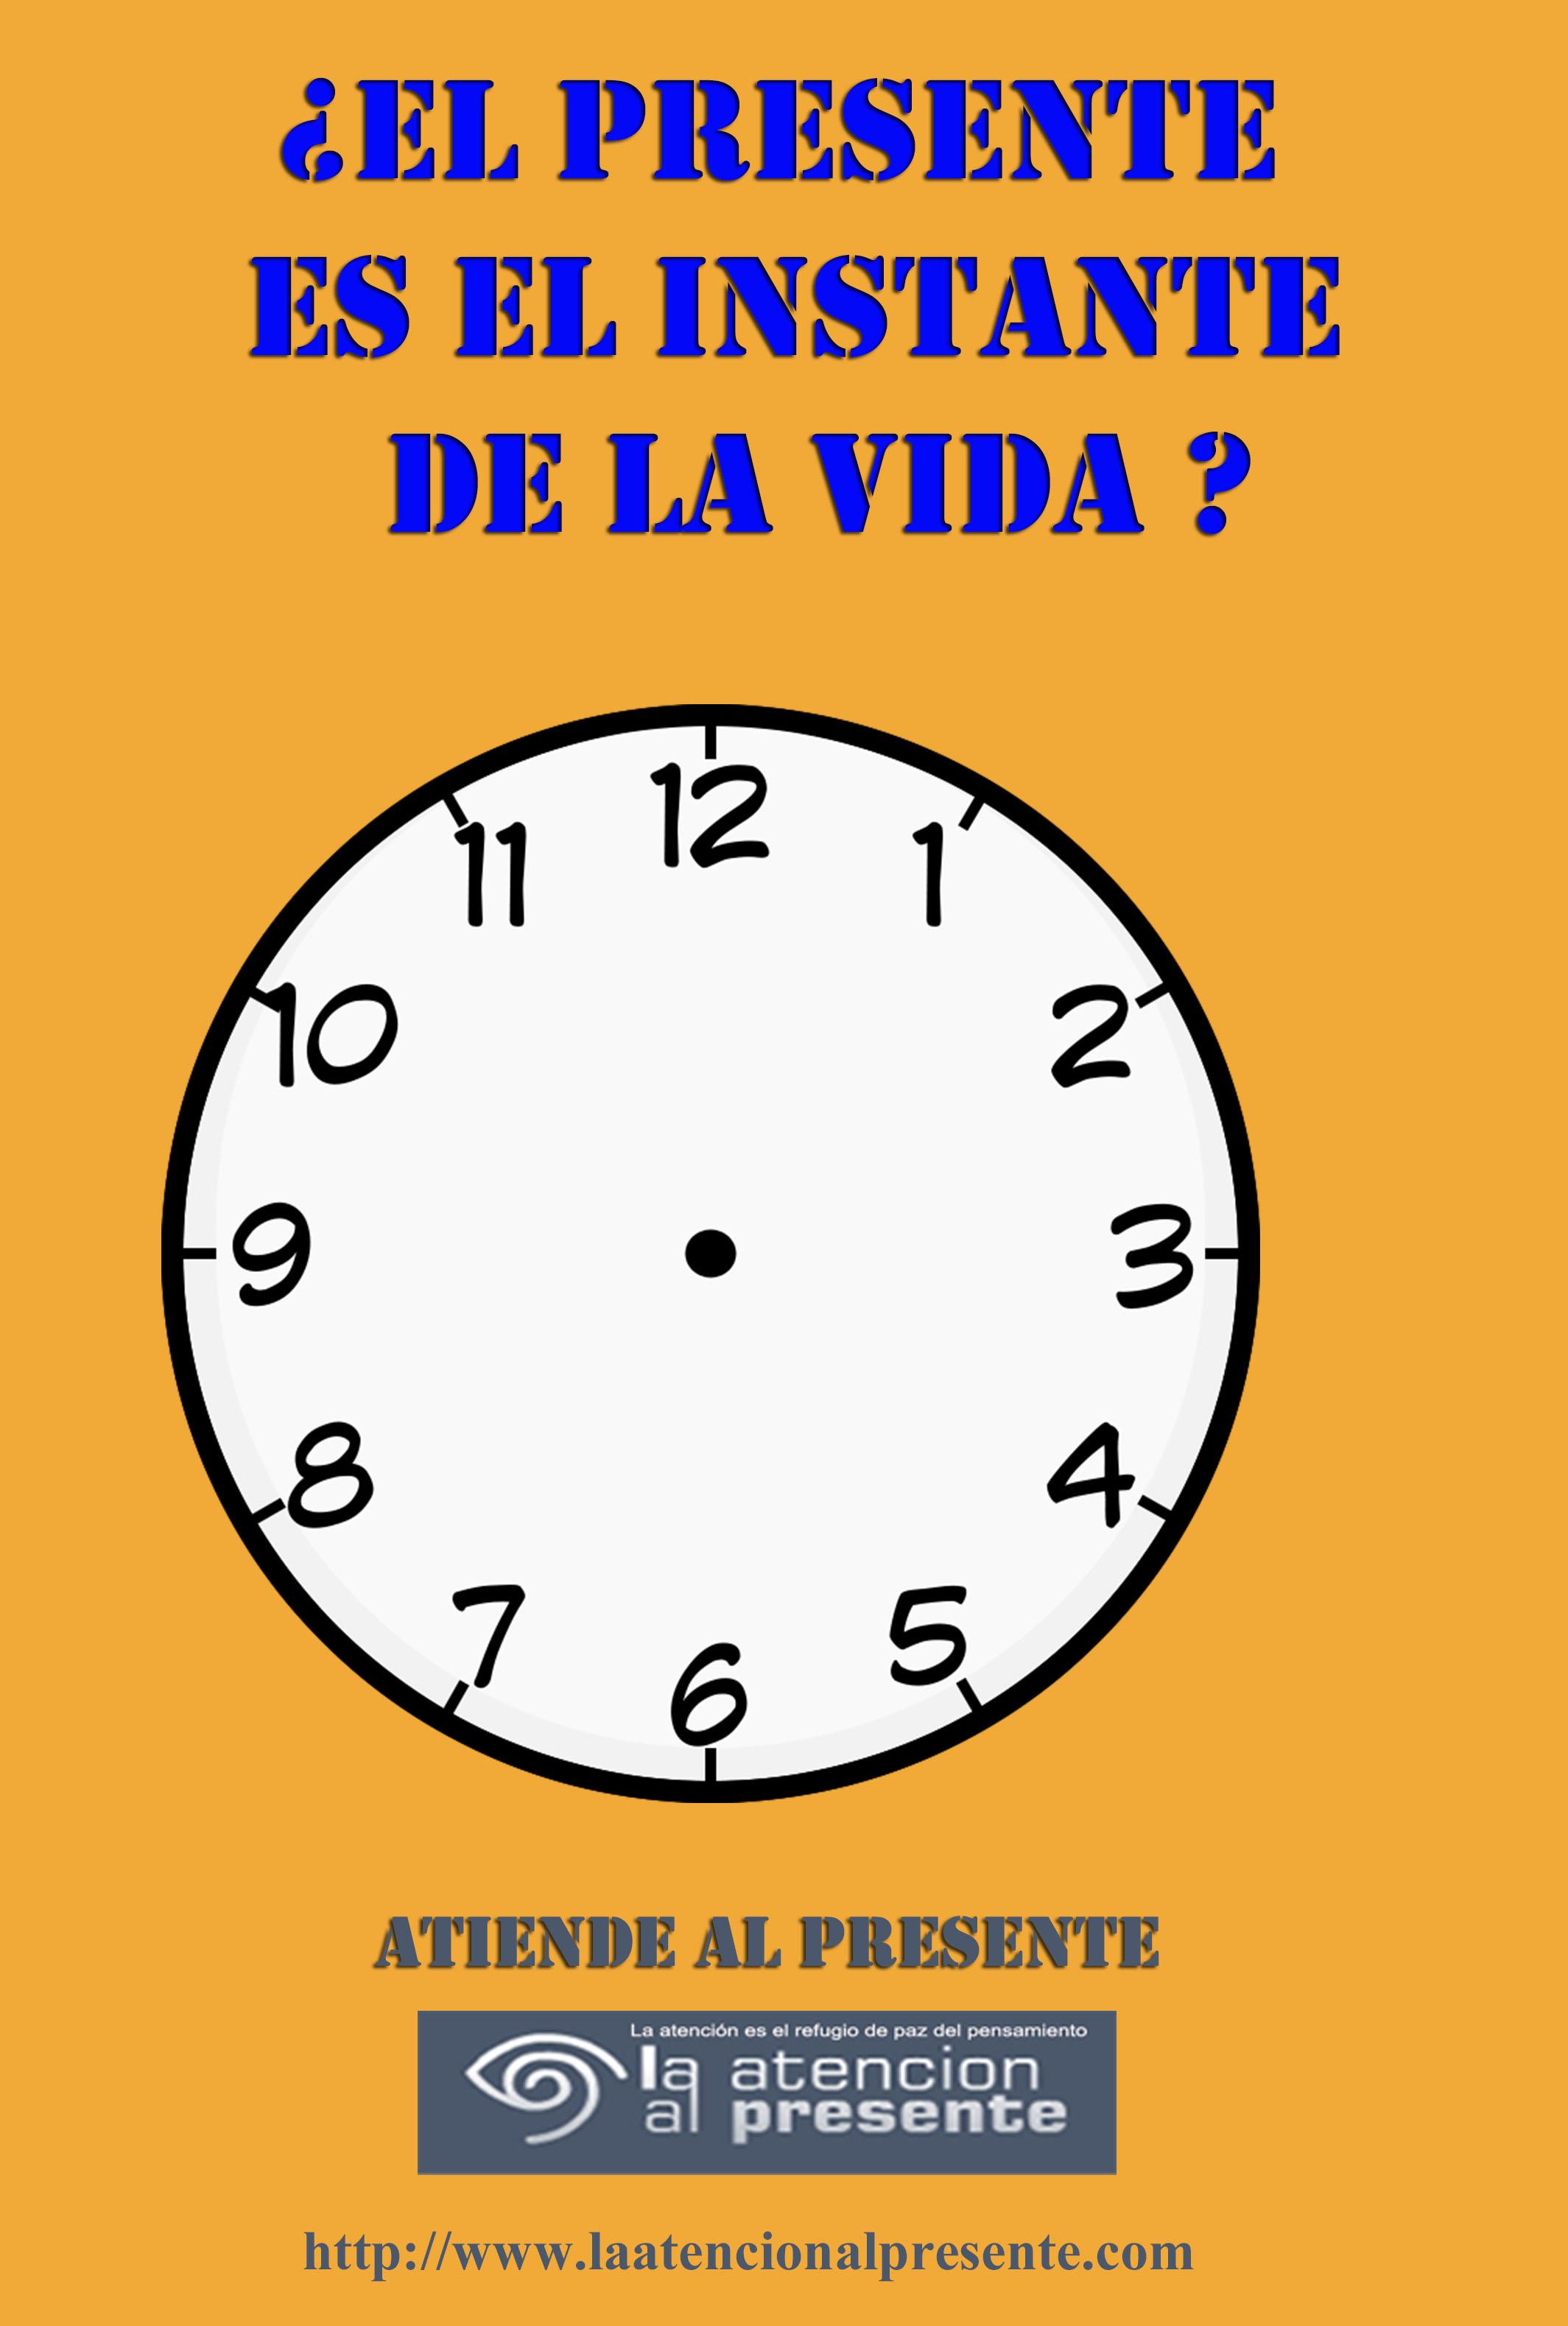 13 de diciembre ISA El Presente es el INSTANTE de la VIDA